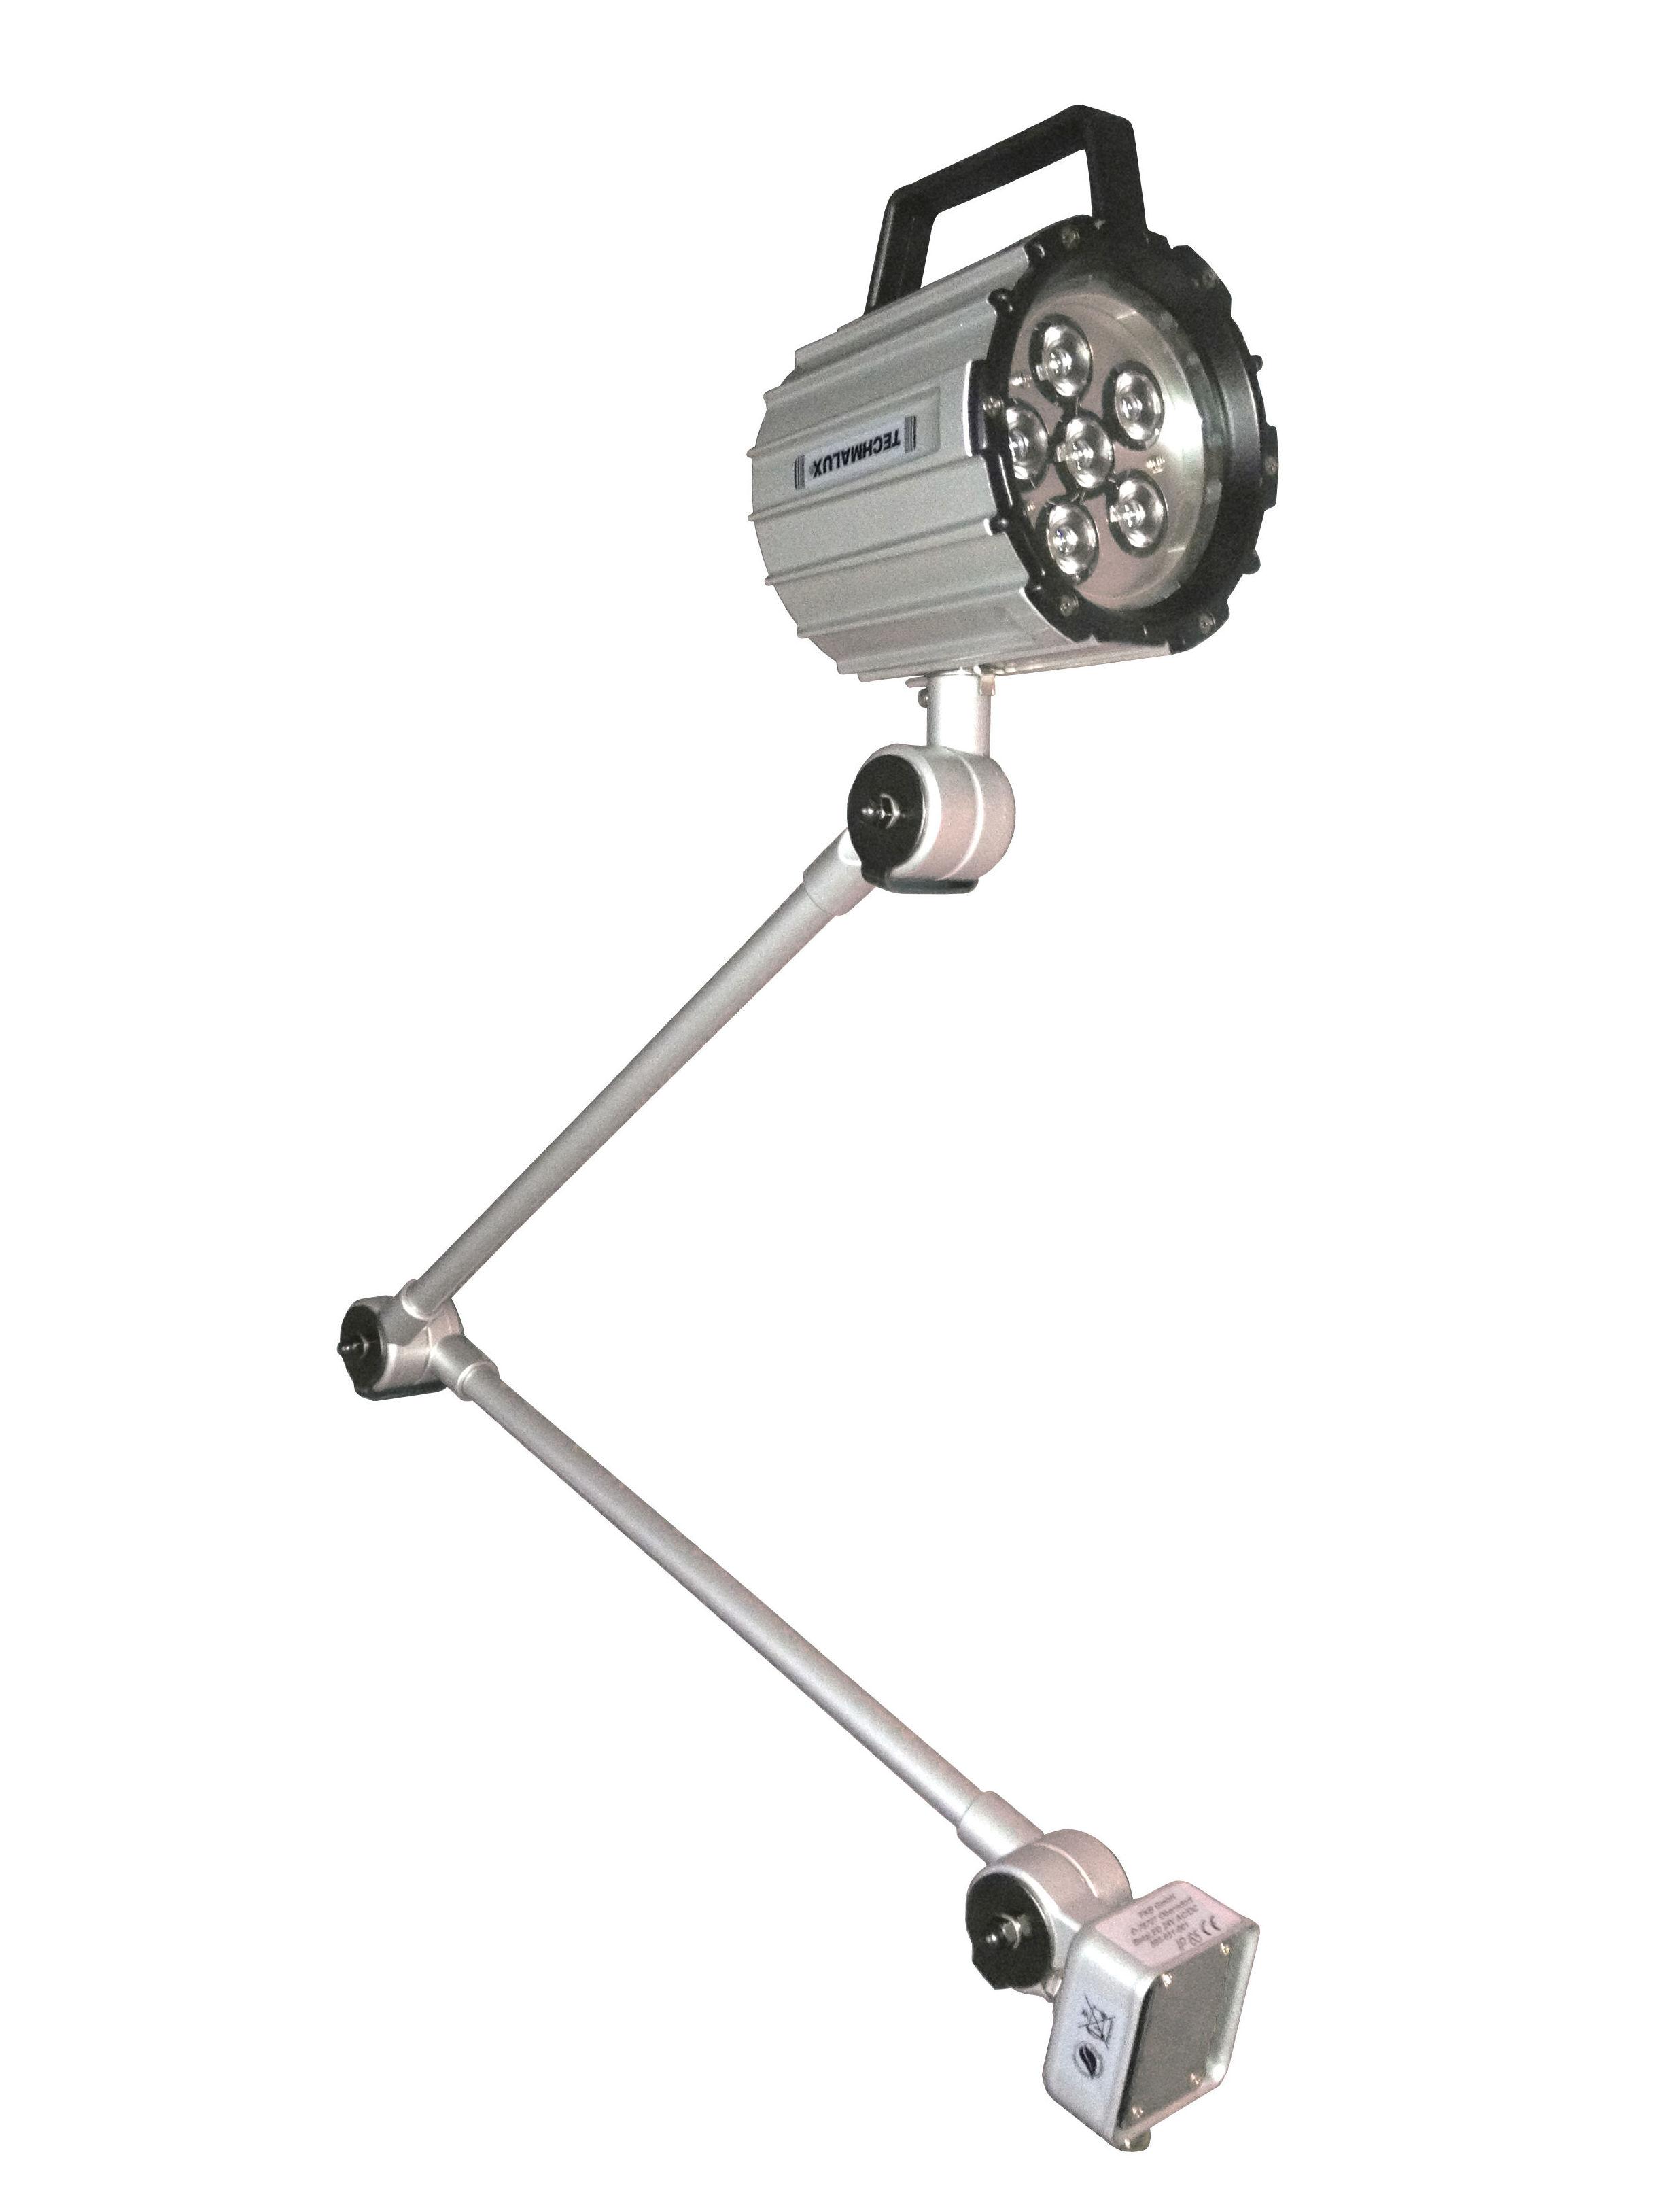 Luminaria BETALED con brazo articulado